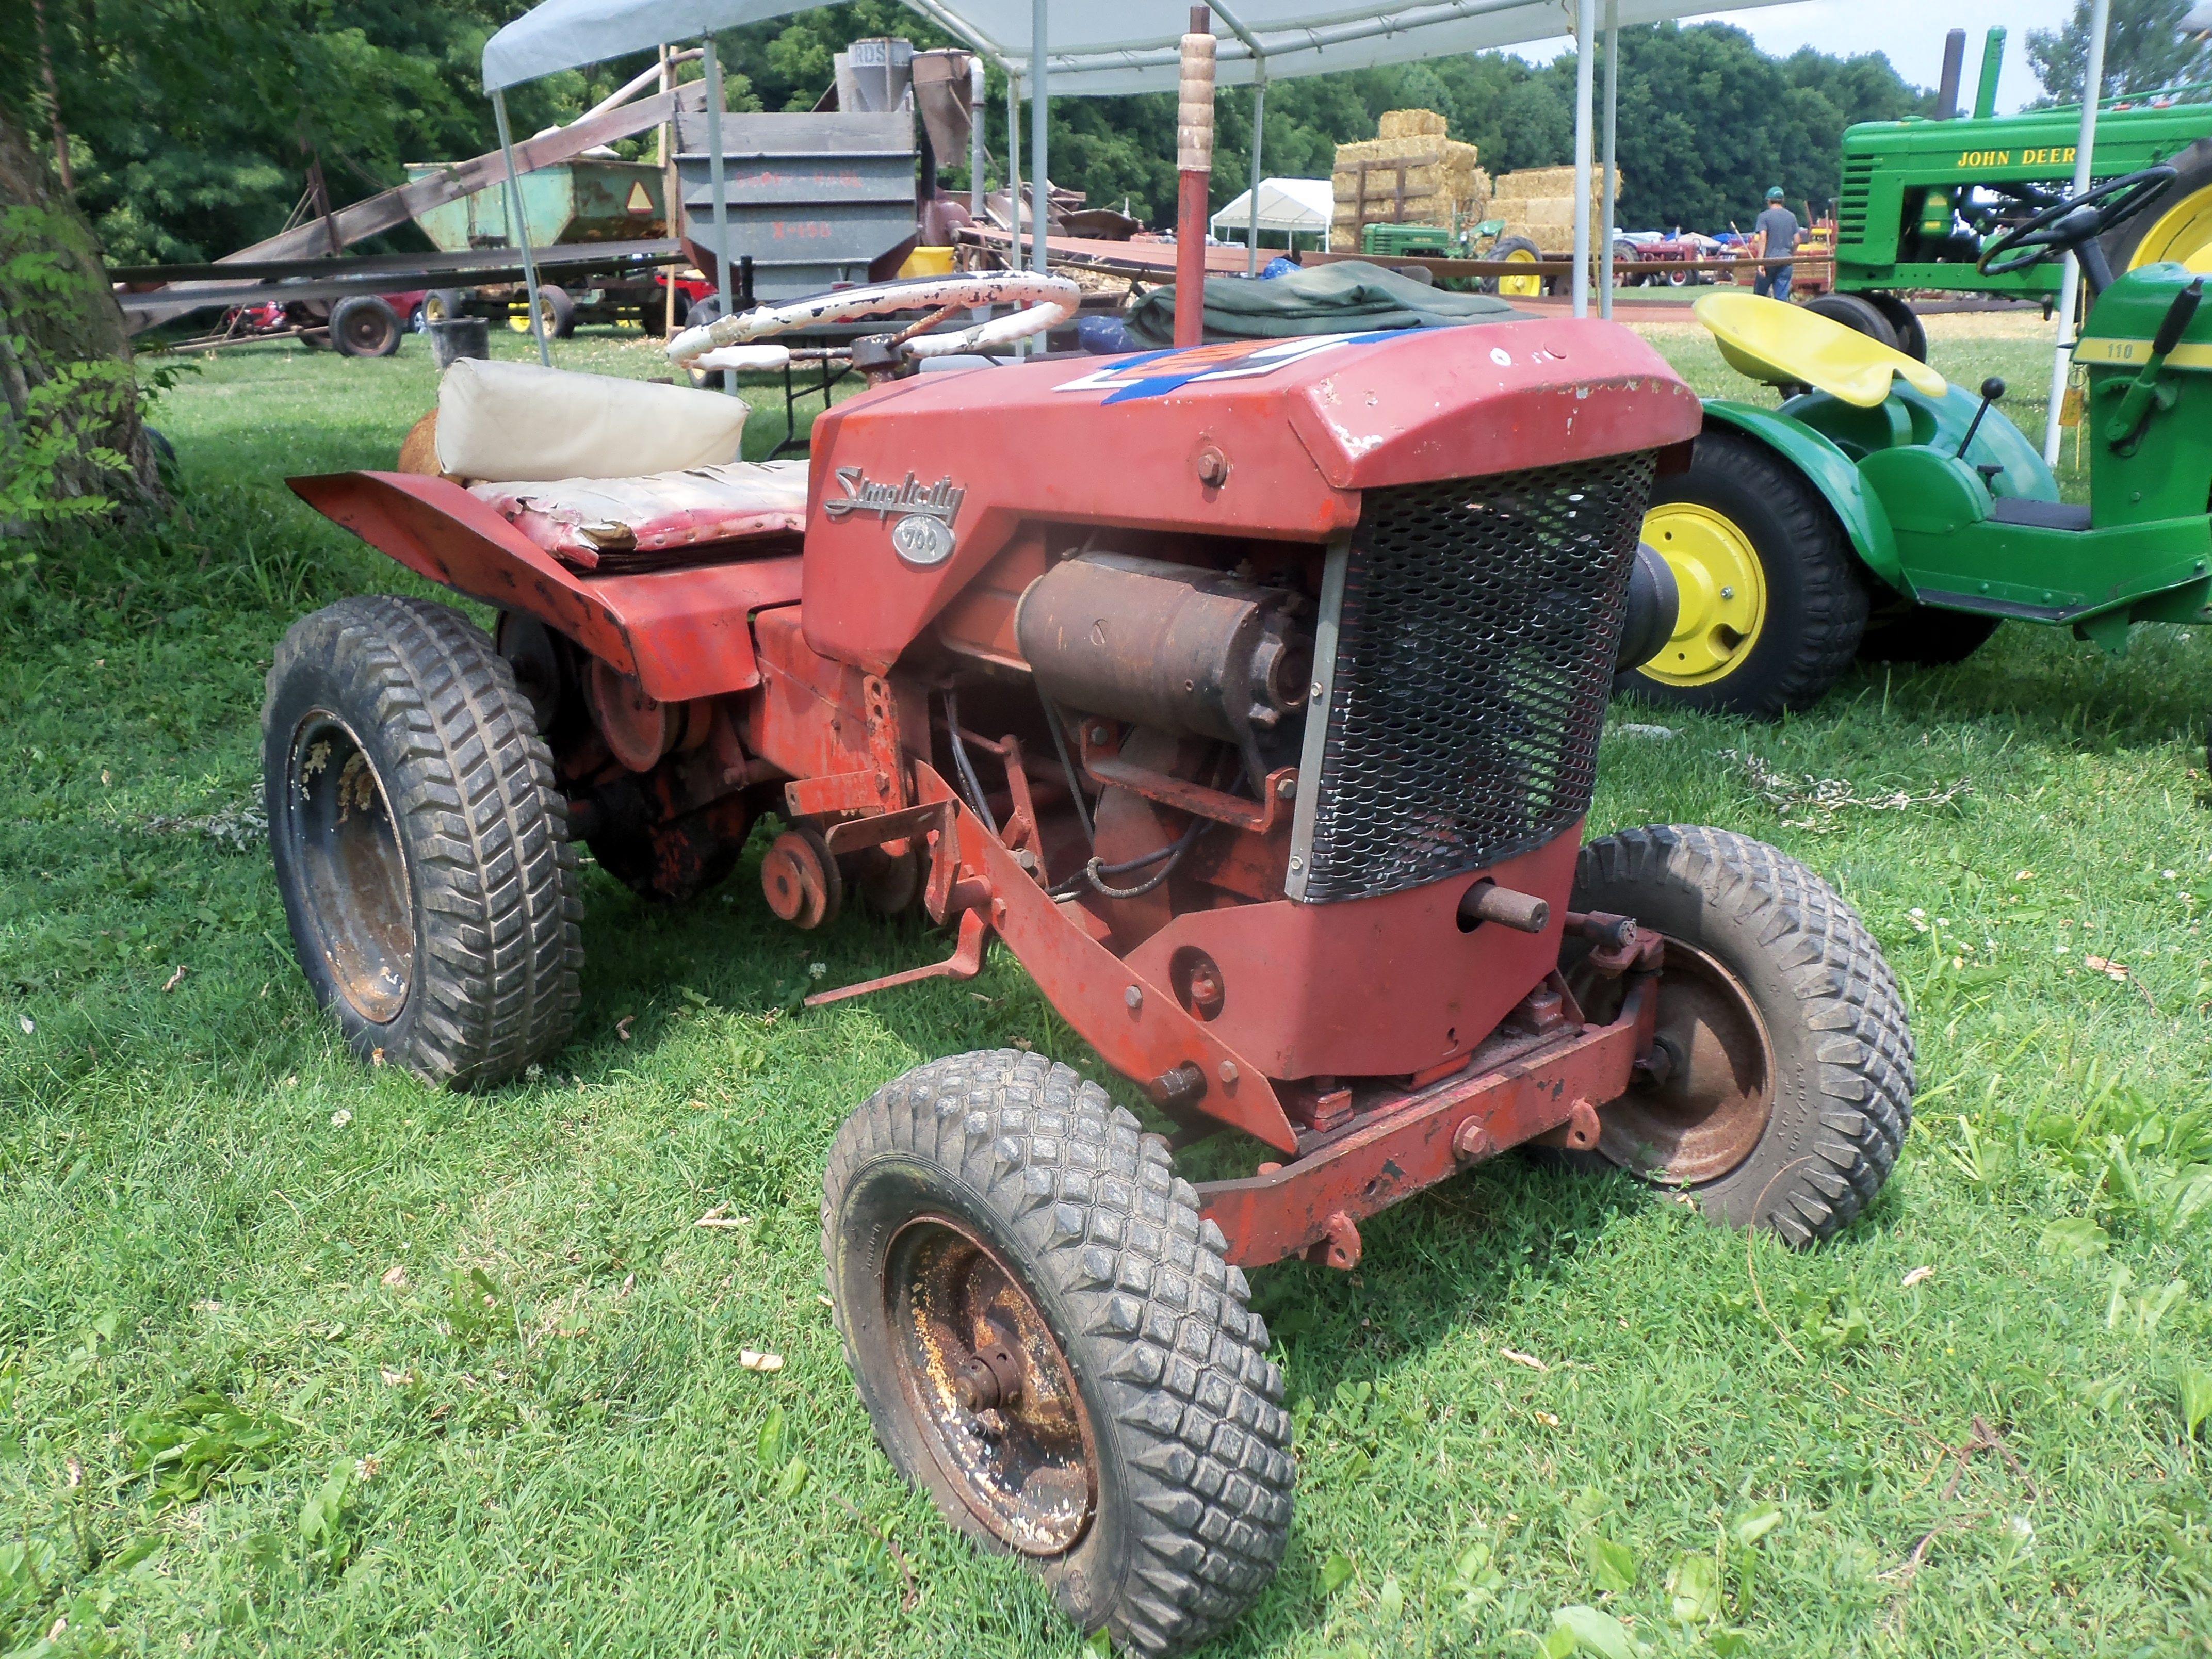 Simplicity 700 Lawn Amp Garden Tractor Tractors Lawn